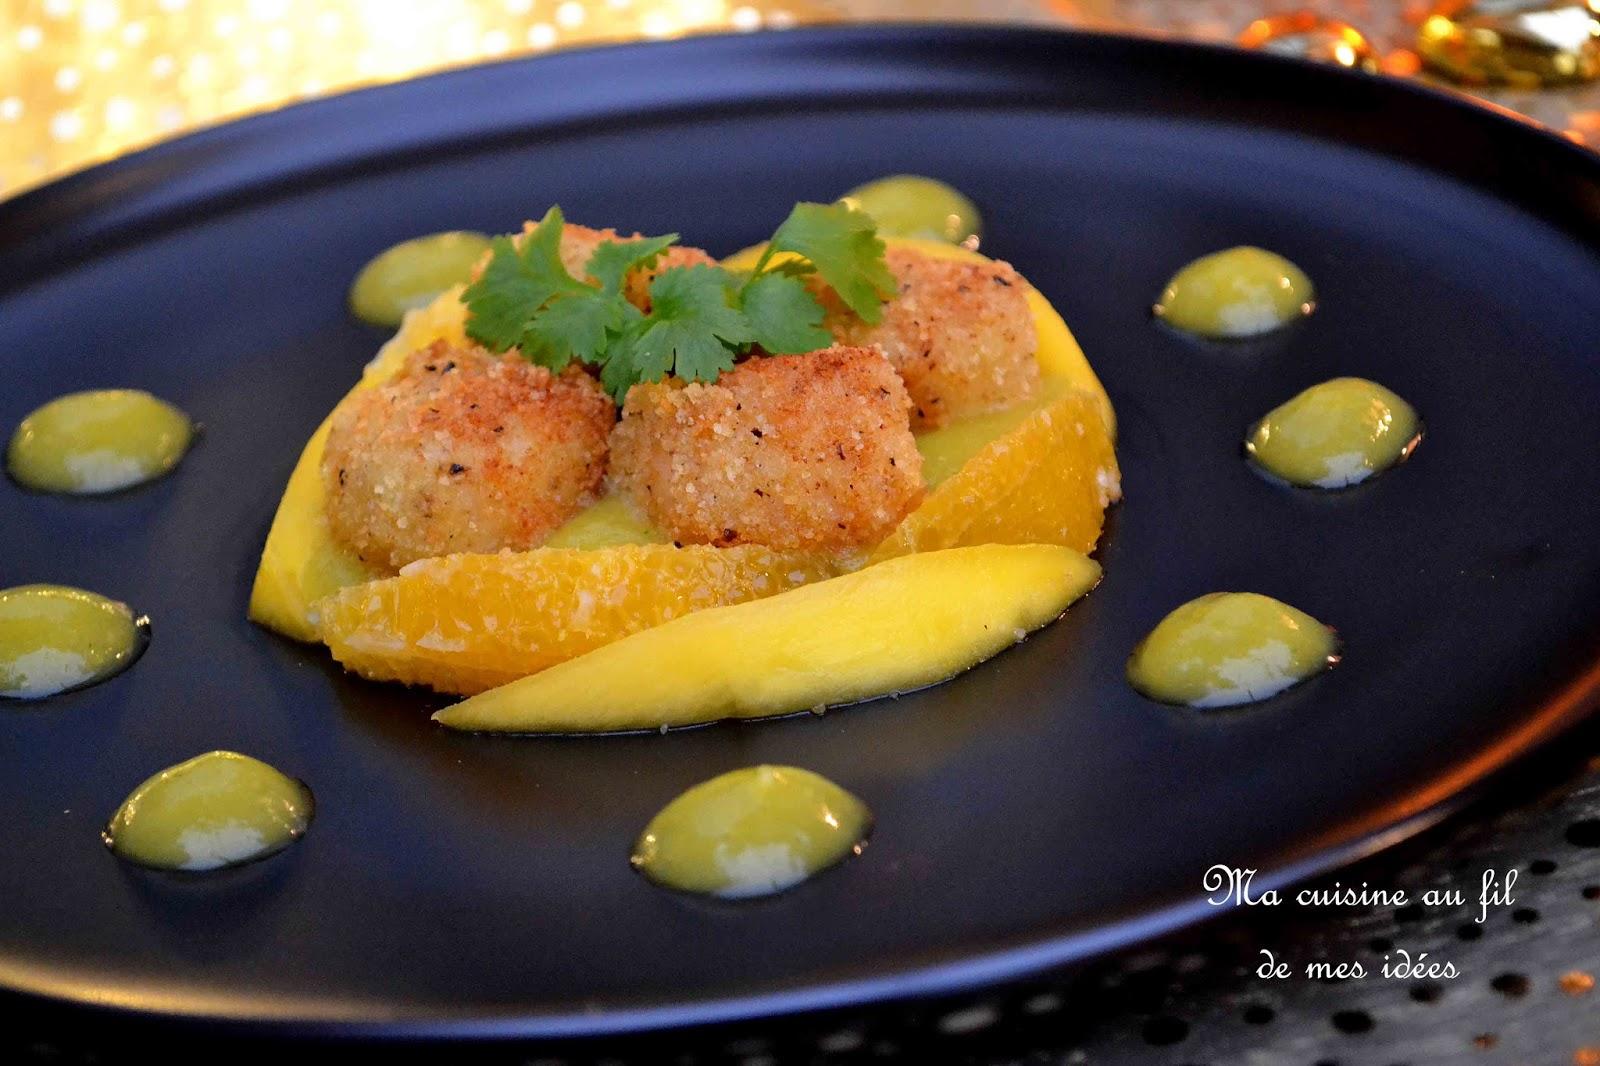 Ma cuisine au fil de mes id es noix de saint jacques - Noix de saint jacques curry ...